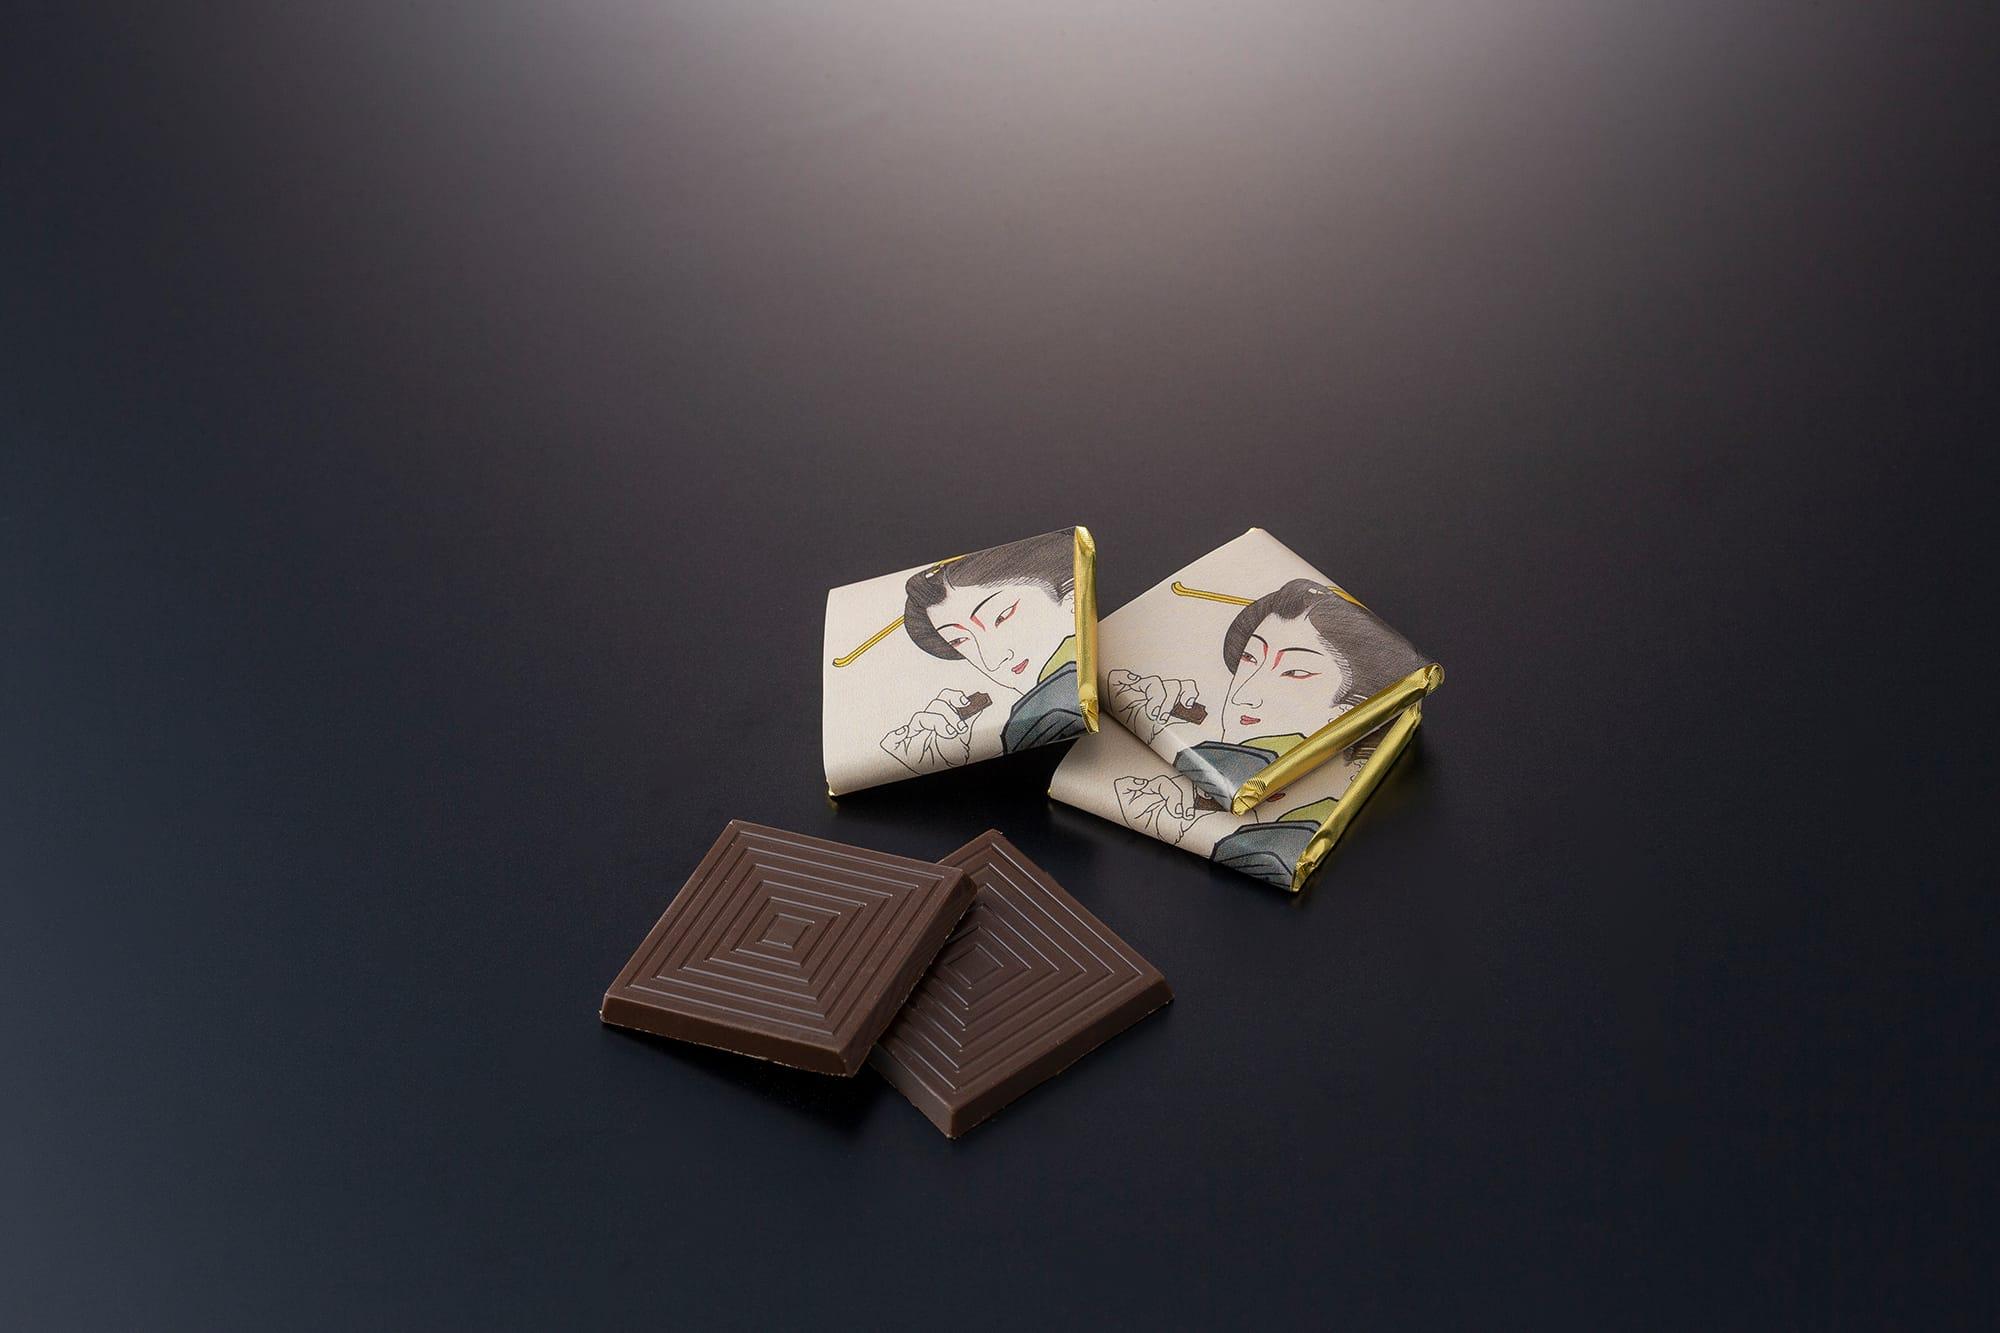 広島県因島で完全無農薬栽培した杜仲茶とコロンビア産カカオを使ったミルクチョコレートの組み合わせ。世界で求められる「日本人らしさ」を、海外でも活躍する芸術家のOZ-尾頭-山口佳祐デザインのパッケージと味の両方で表現した「高須しょくらあと」1,300円(税込)